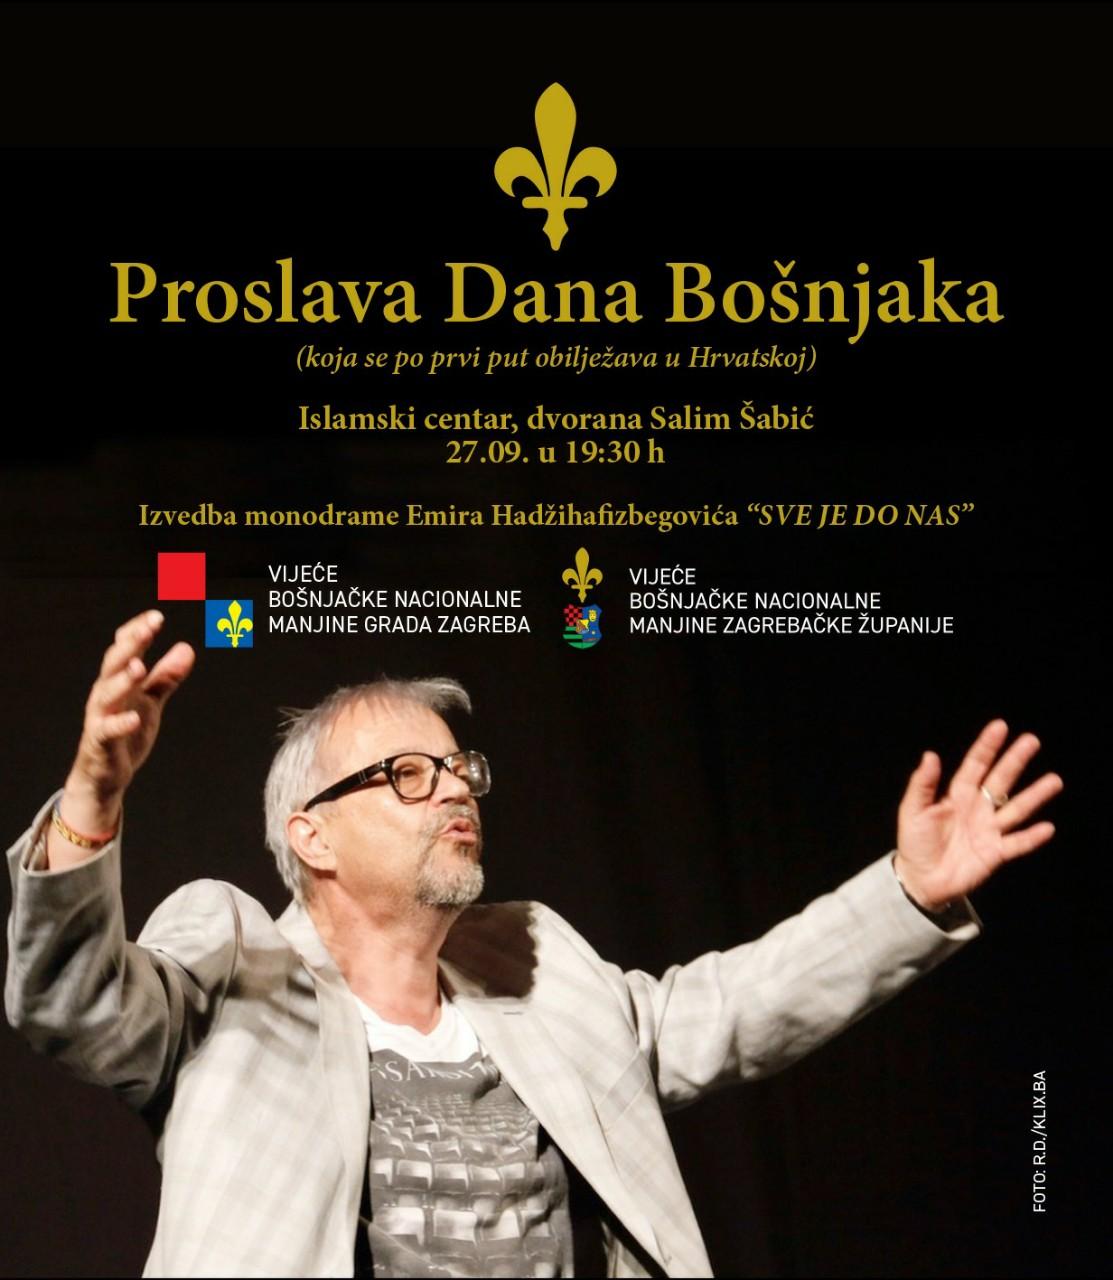 Obilježavanje Dana Bošnjaka